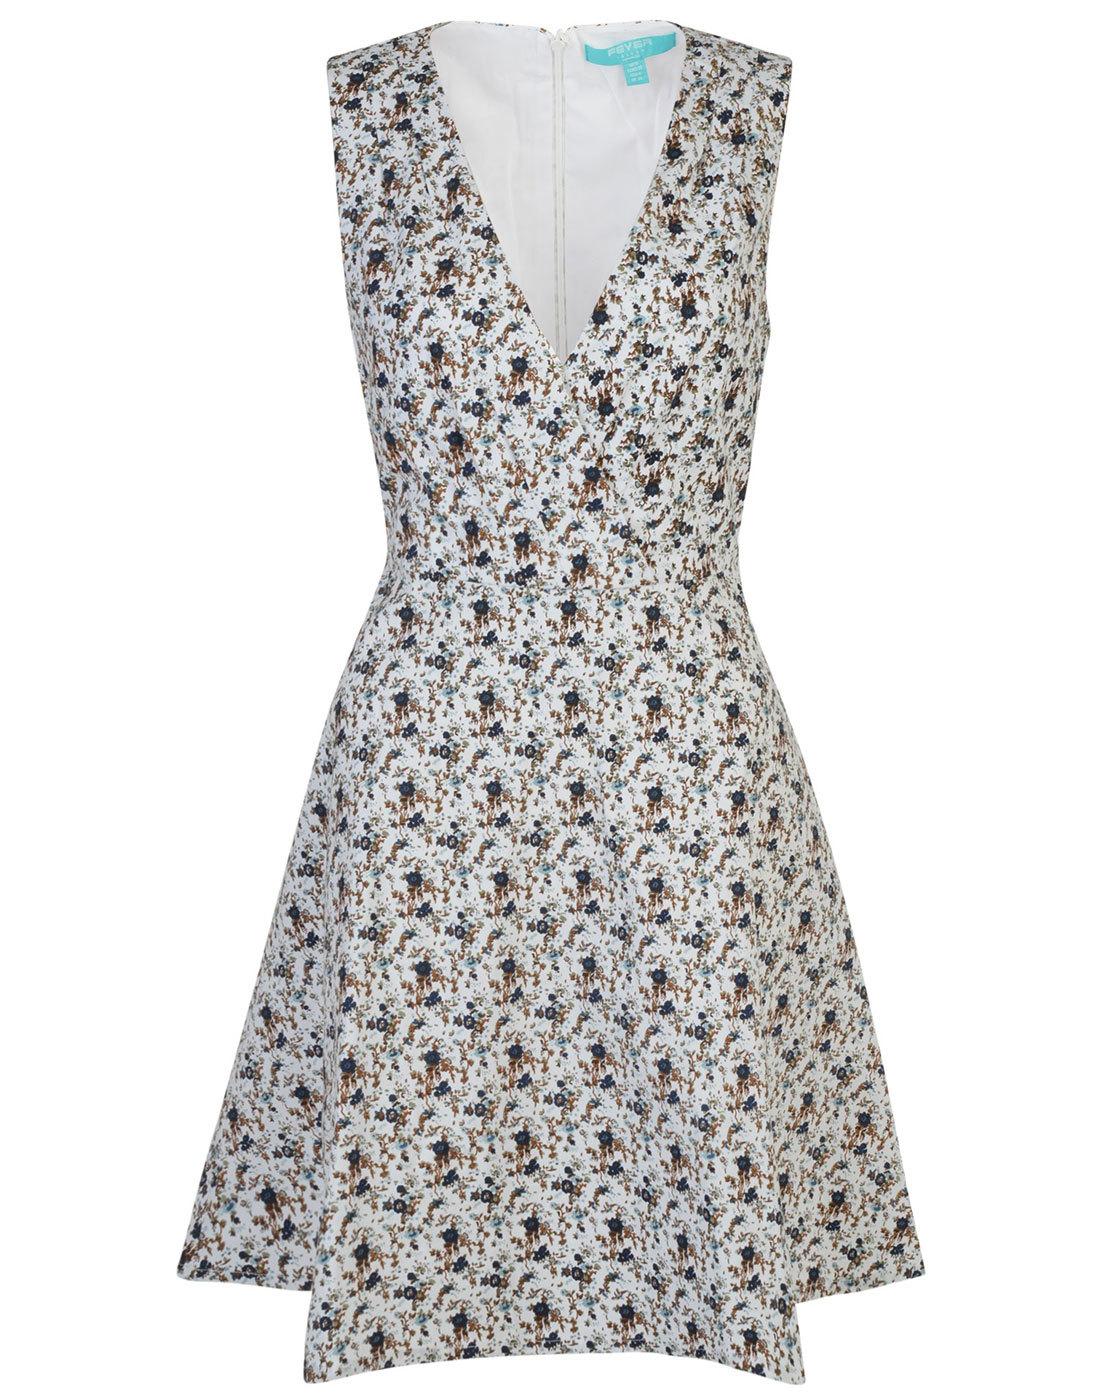 Ditsy Floral FEVER Retro 50s Wrap V-Neckline Dress